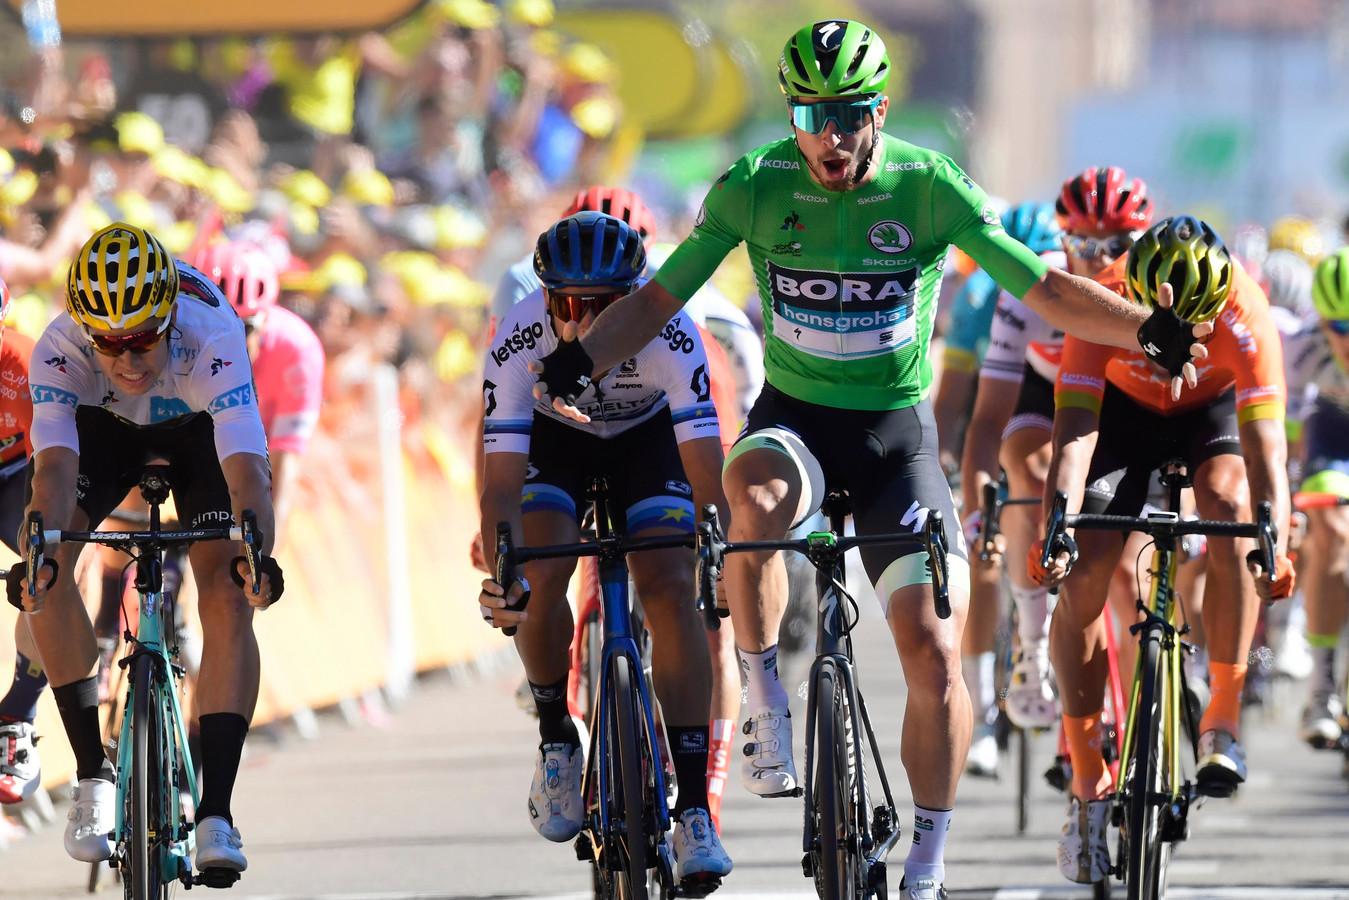 Wout van Aert (links), Matteo Trentin (midden, met blauwe helm) en Greg van Avermaet (rechts) komen tekort tegen Peter Sagan (groen). voor Ina van Kolfschoten uit Wierden maakt dat niet uit; zij heeft alle vier renners in haar Lezerstourteam.